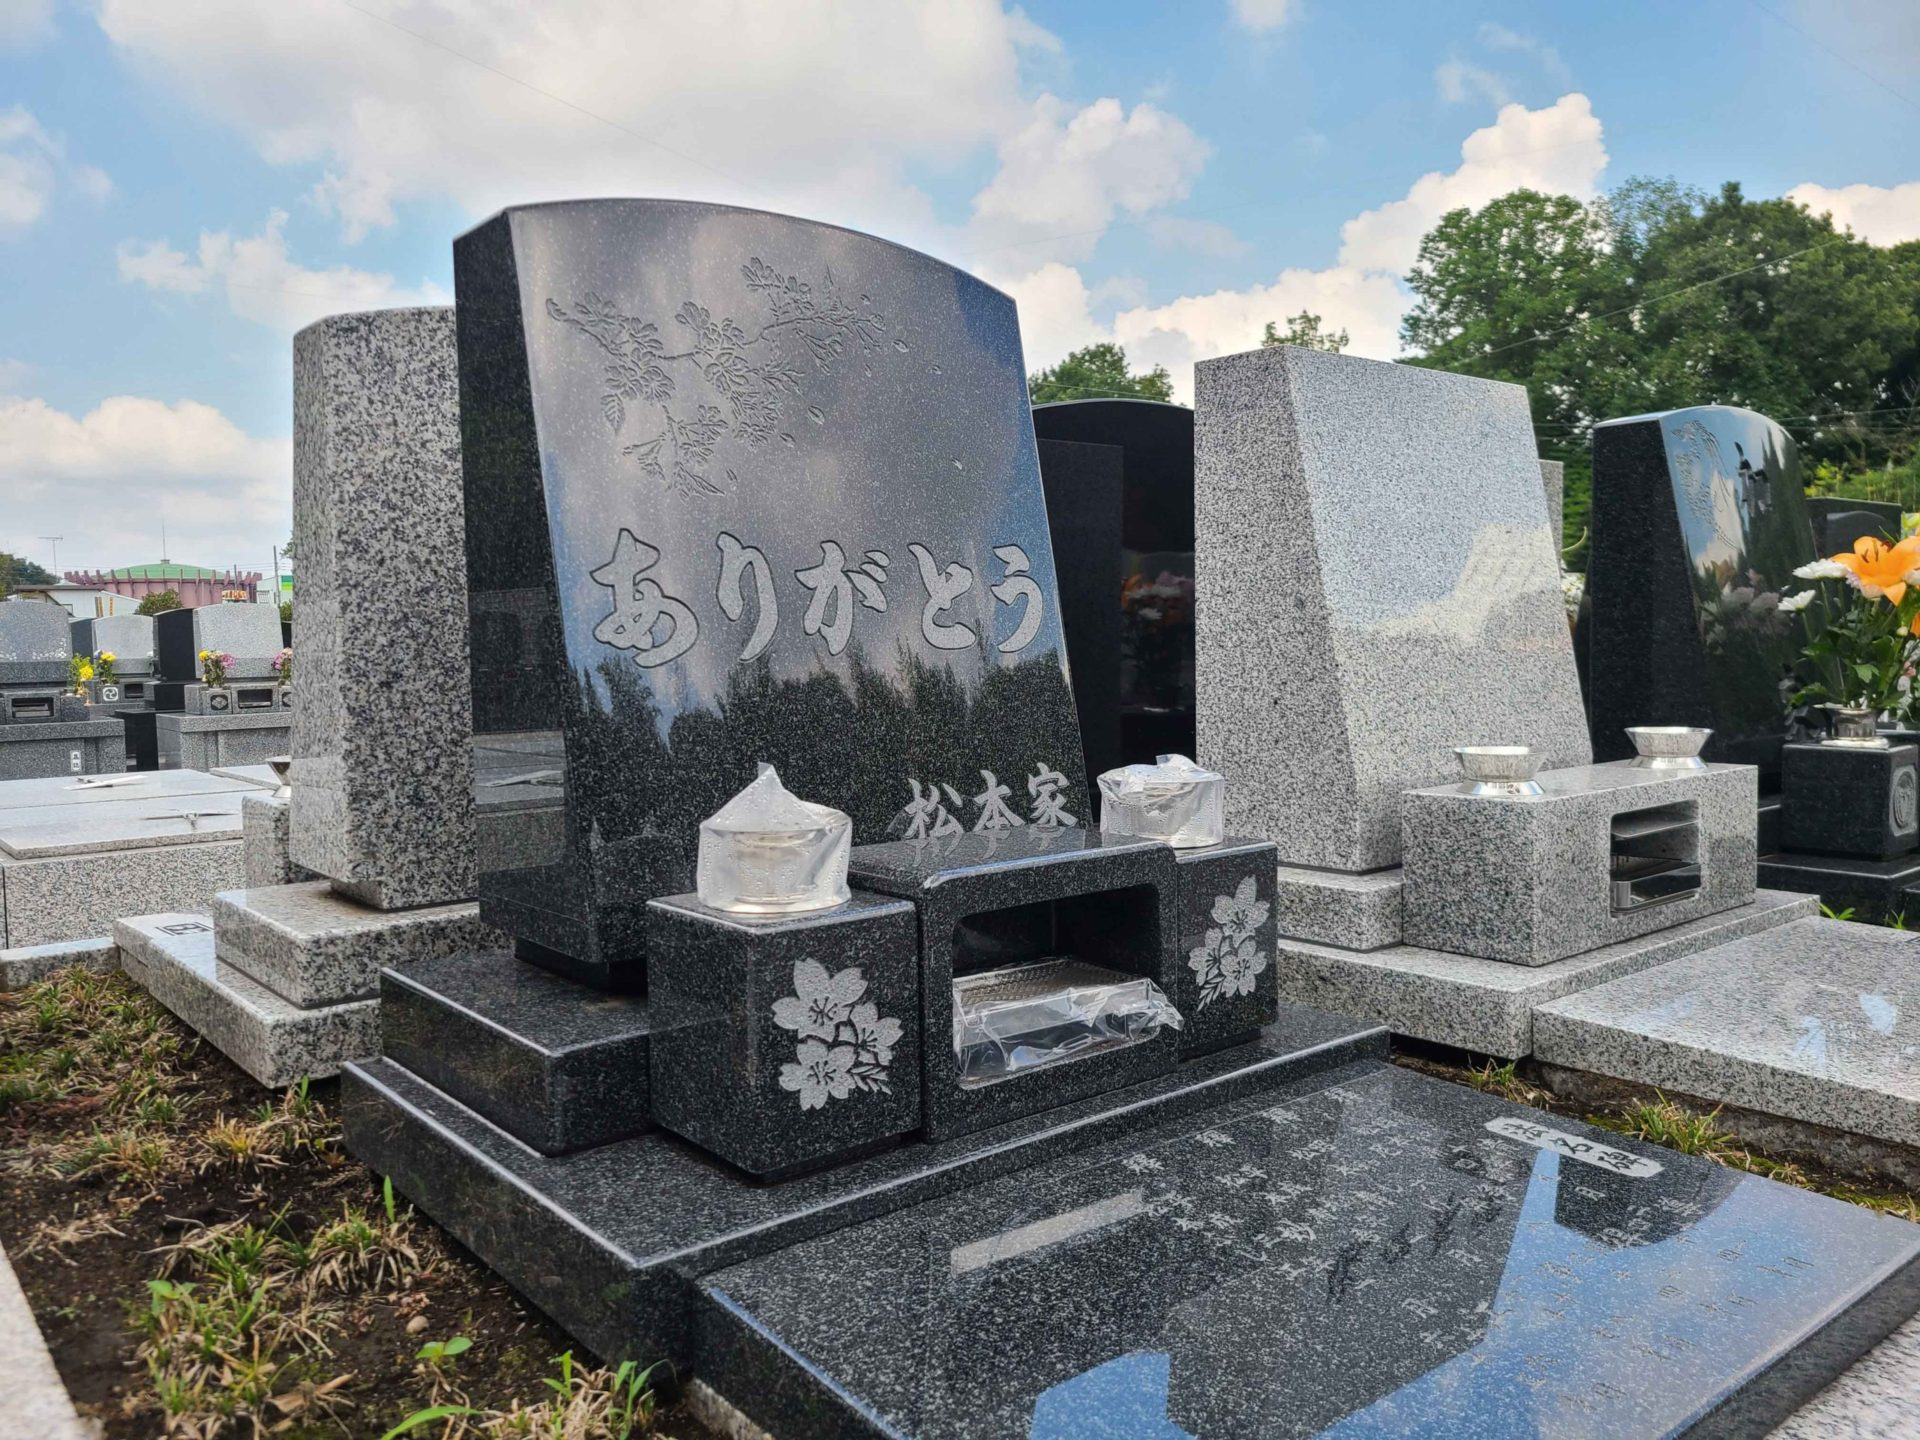 メモリアルガーデン梅郷聖地<br>松本家墓石工事